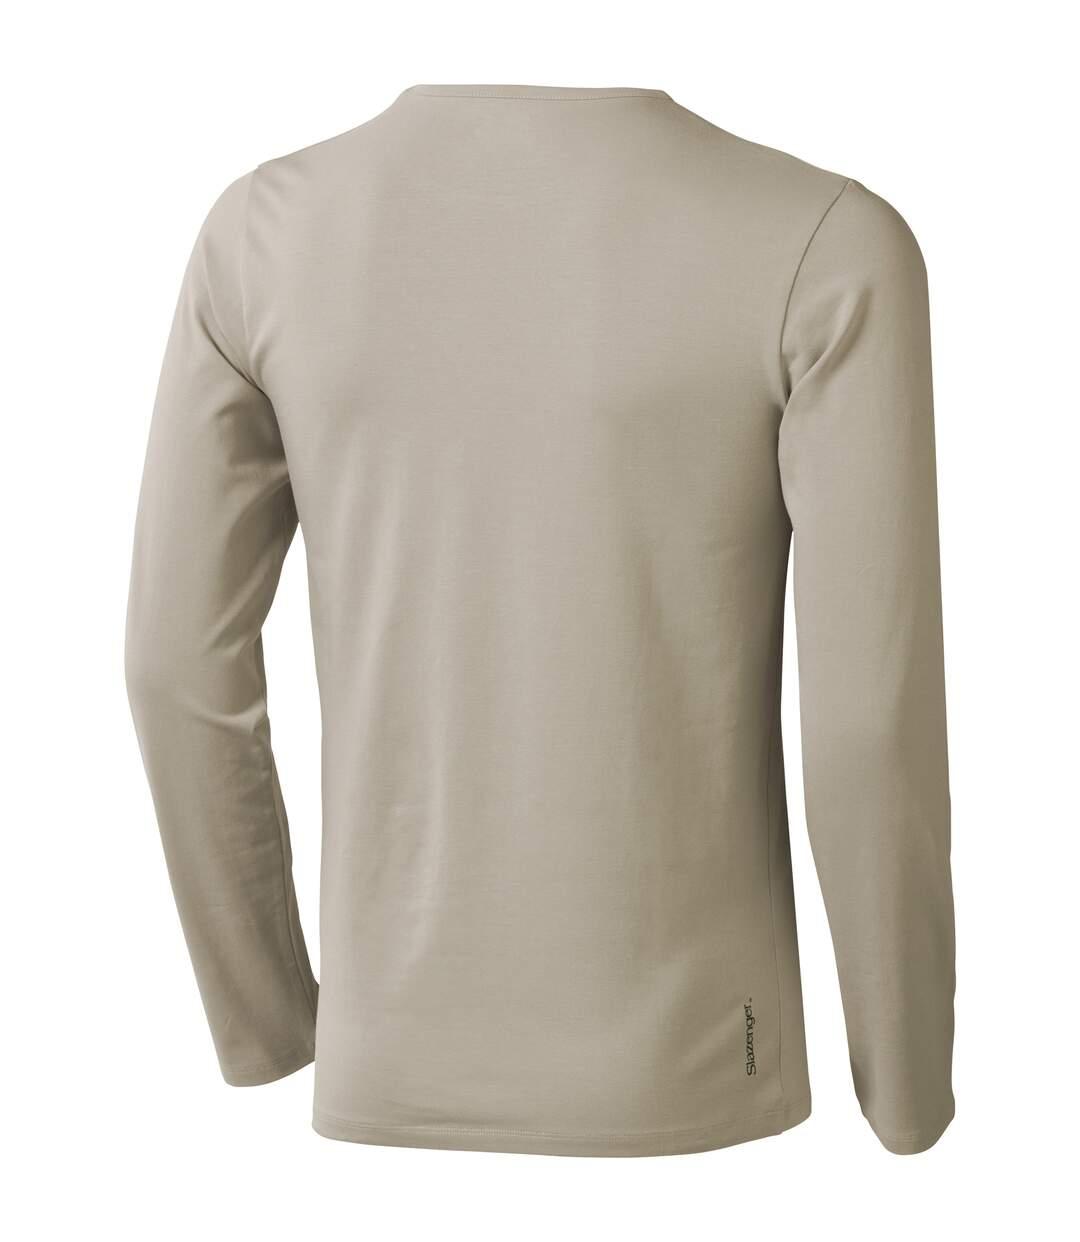 Slazenger - T-shirt manches longues Curve - Homme (Gris) - UTPF1725